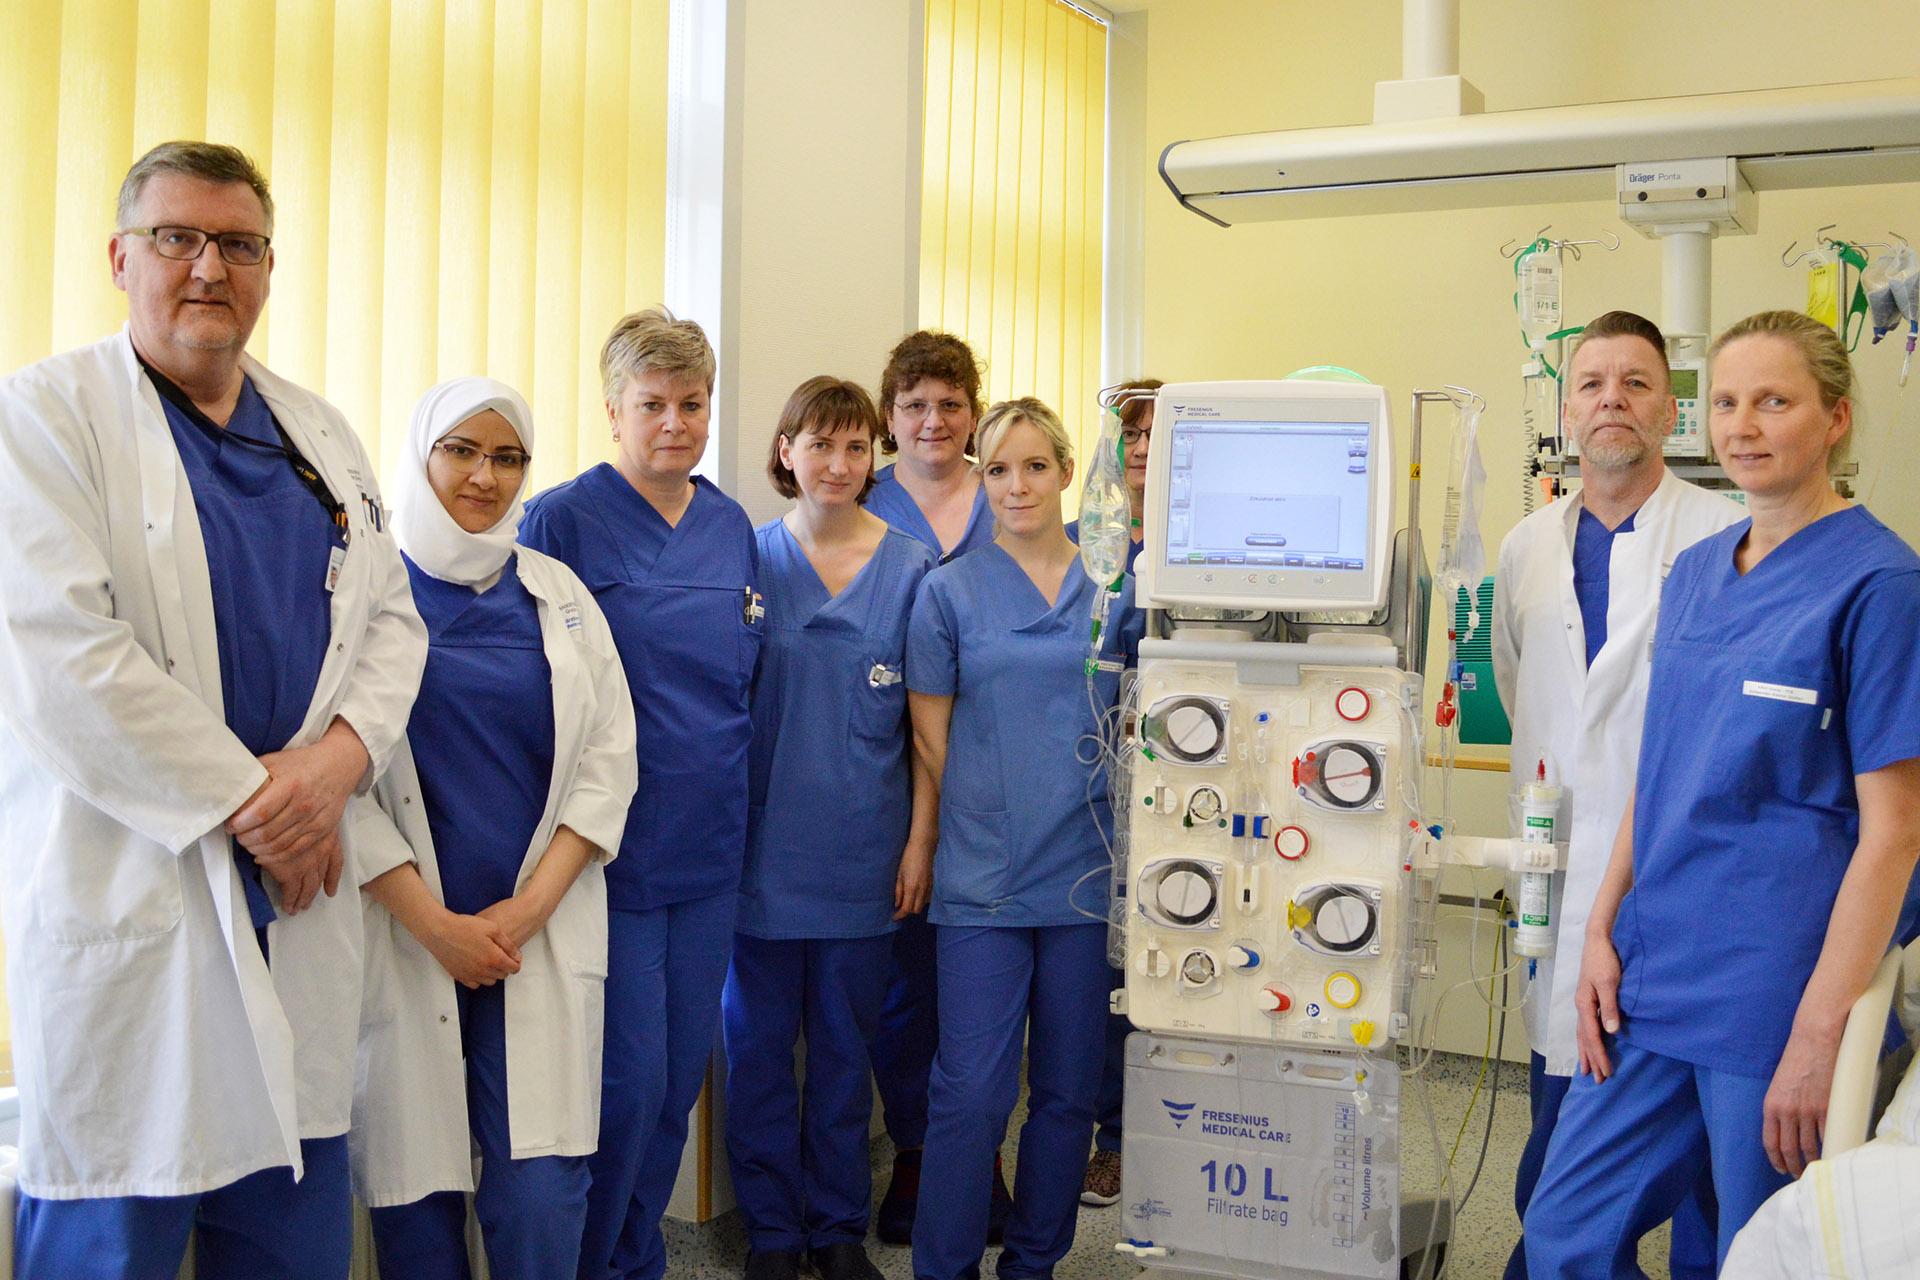 Kreiskrankenhaus Greiz: Sofortversorgung bei akutem Nierenversagen